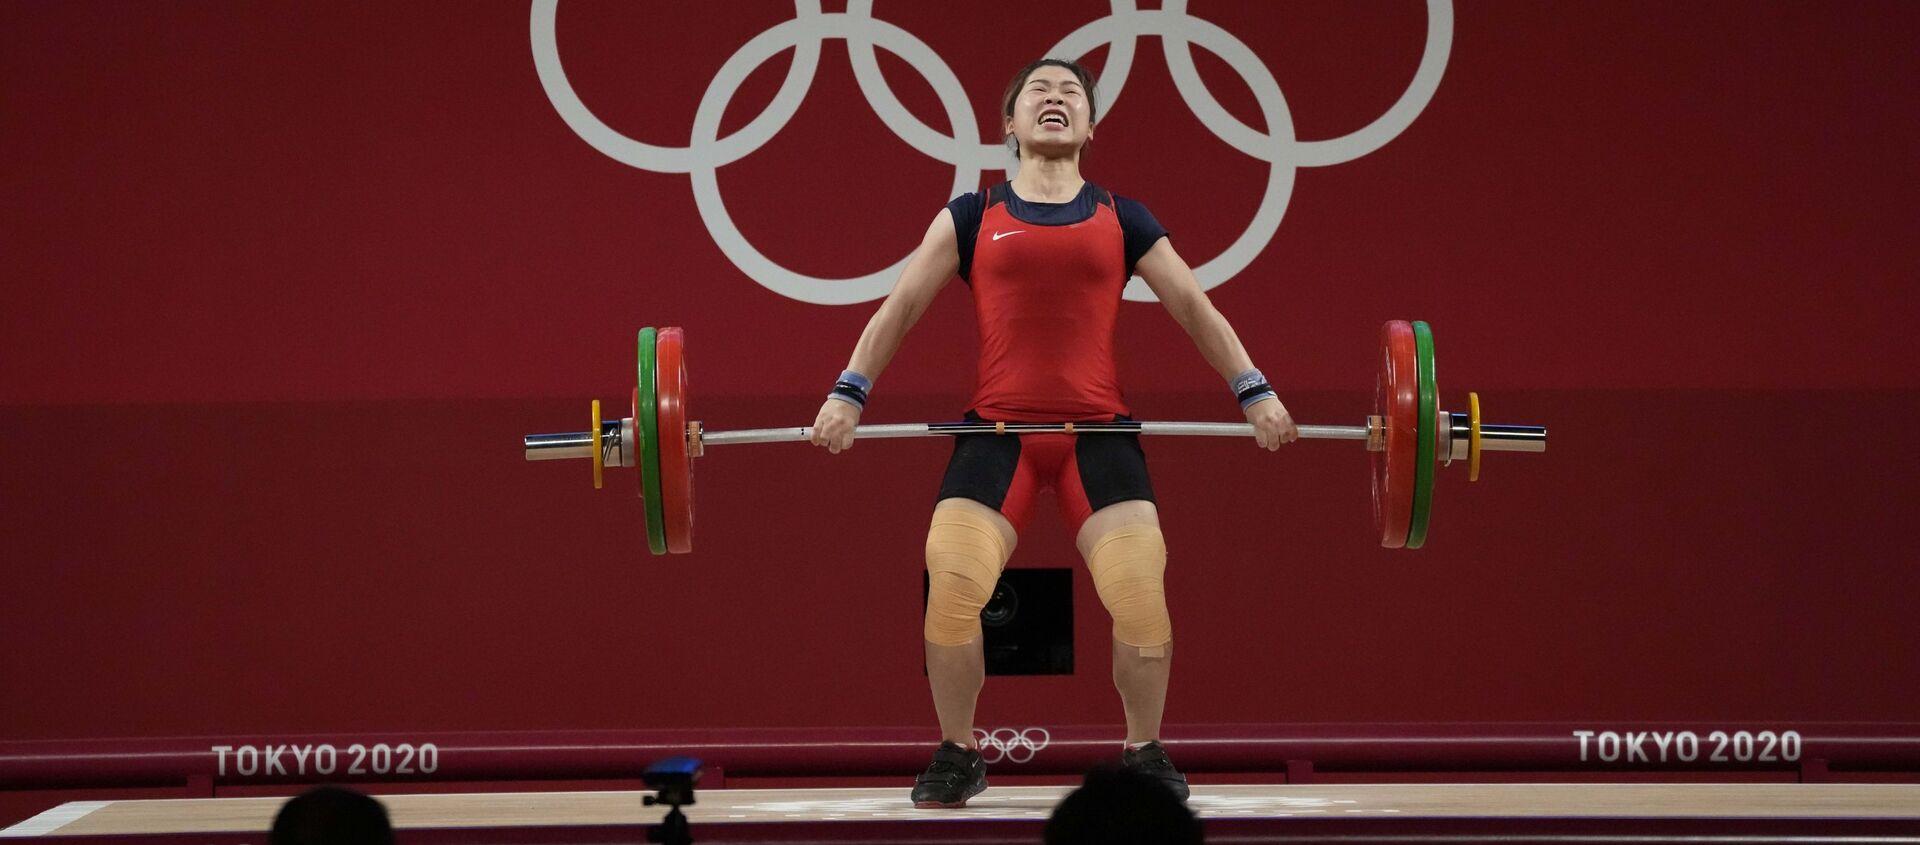 Vận động viên cử tạ Hoàng Thị Duyên thi đấu tại Olympic Tokyo 2020, Nhật Bản - Sputnik Việt Nam, 1920, 27.07.2021